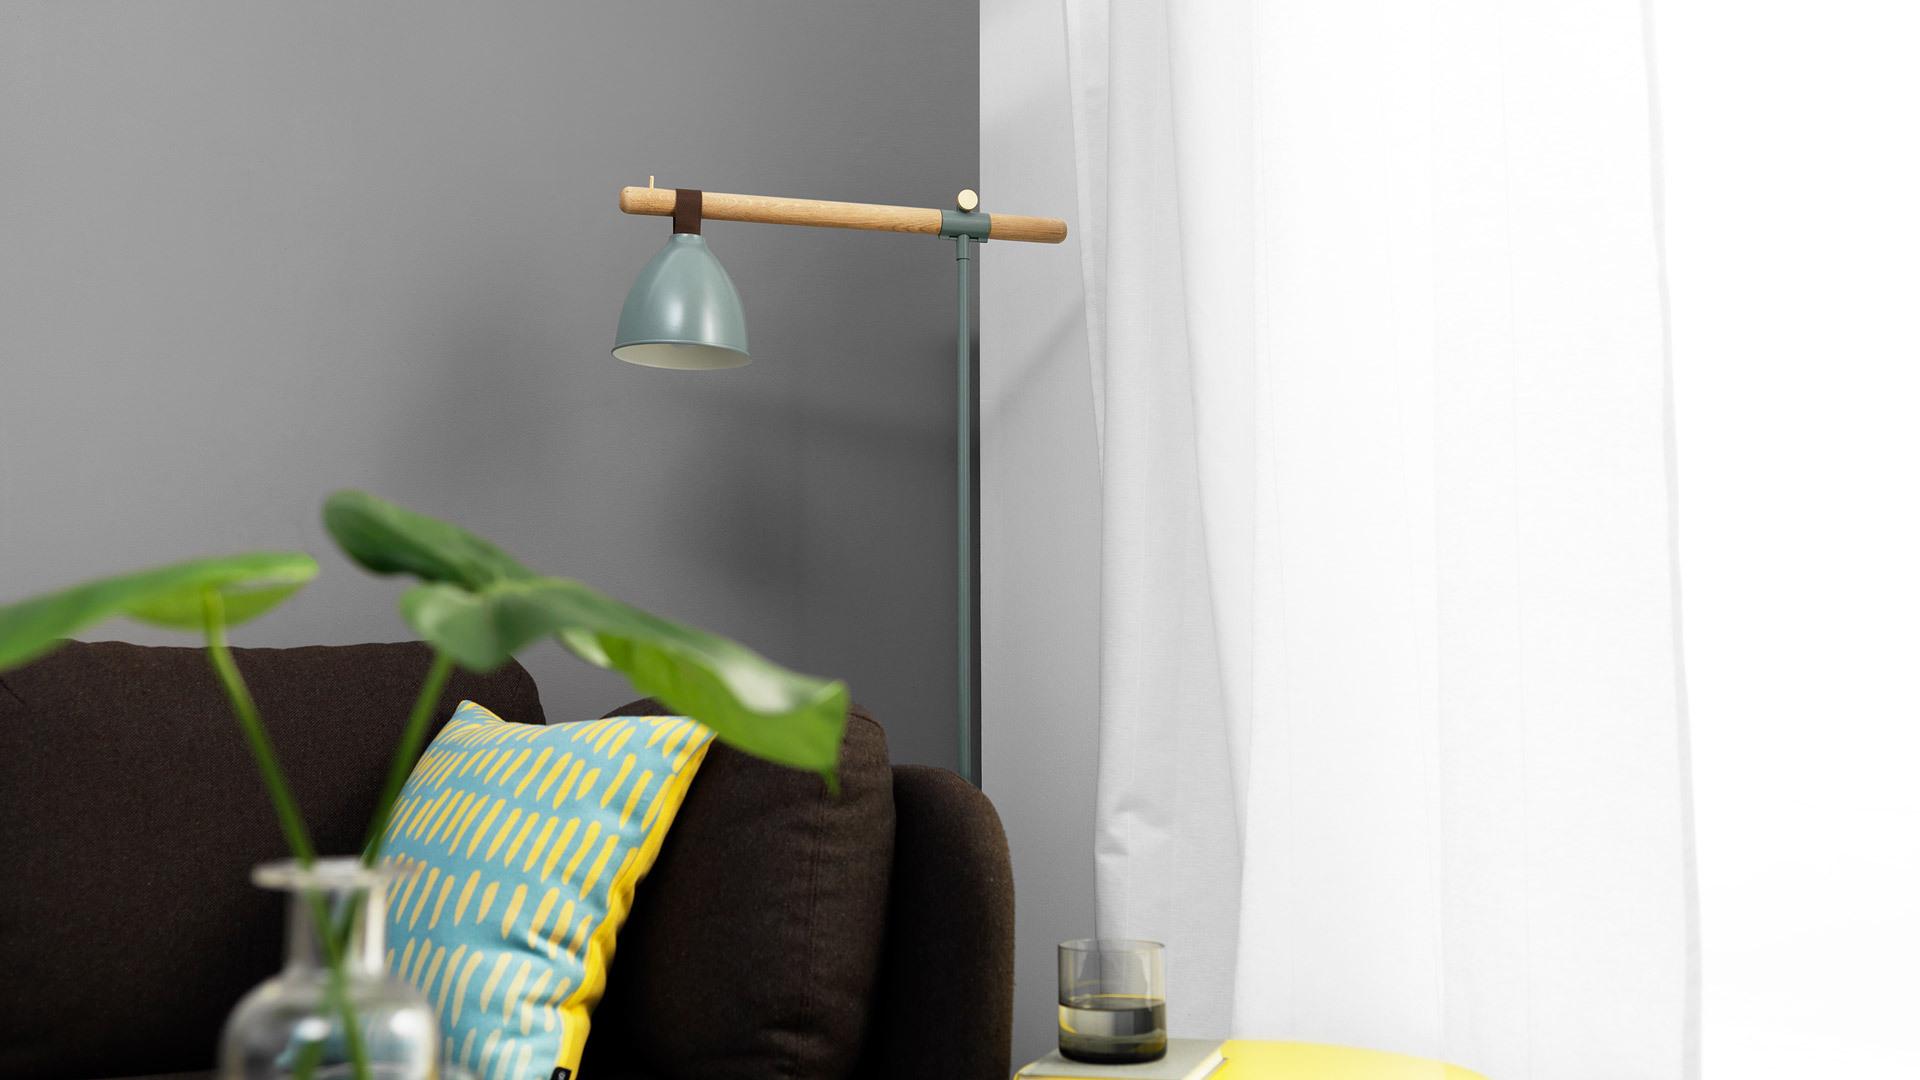 误差小于1mm的隐藏走线工艺,及要求力学平衡的仿铃铛灯罩悬挂方式,造就了朴实收敛的外形,百搭于任意客厅空间。